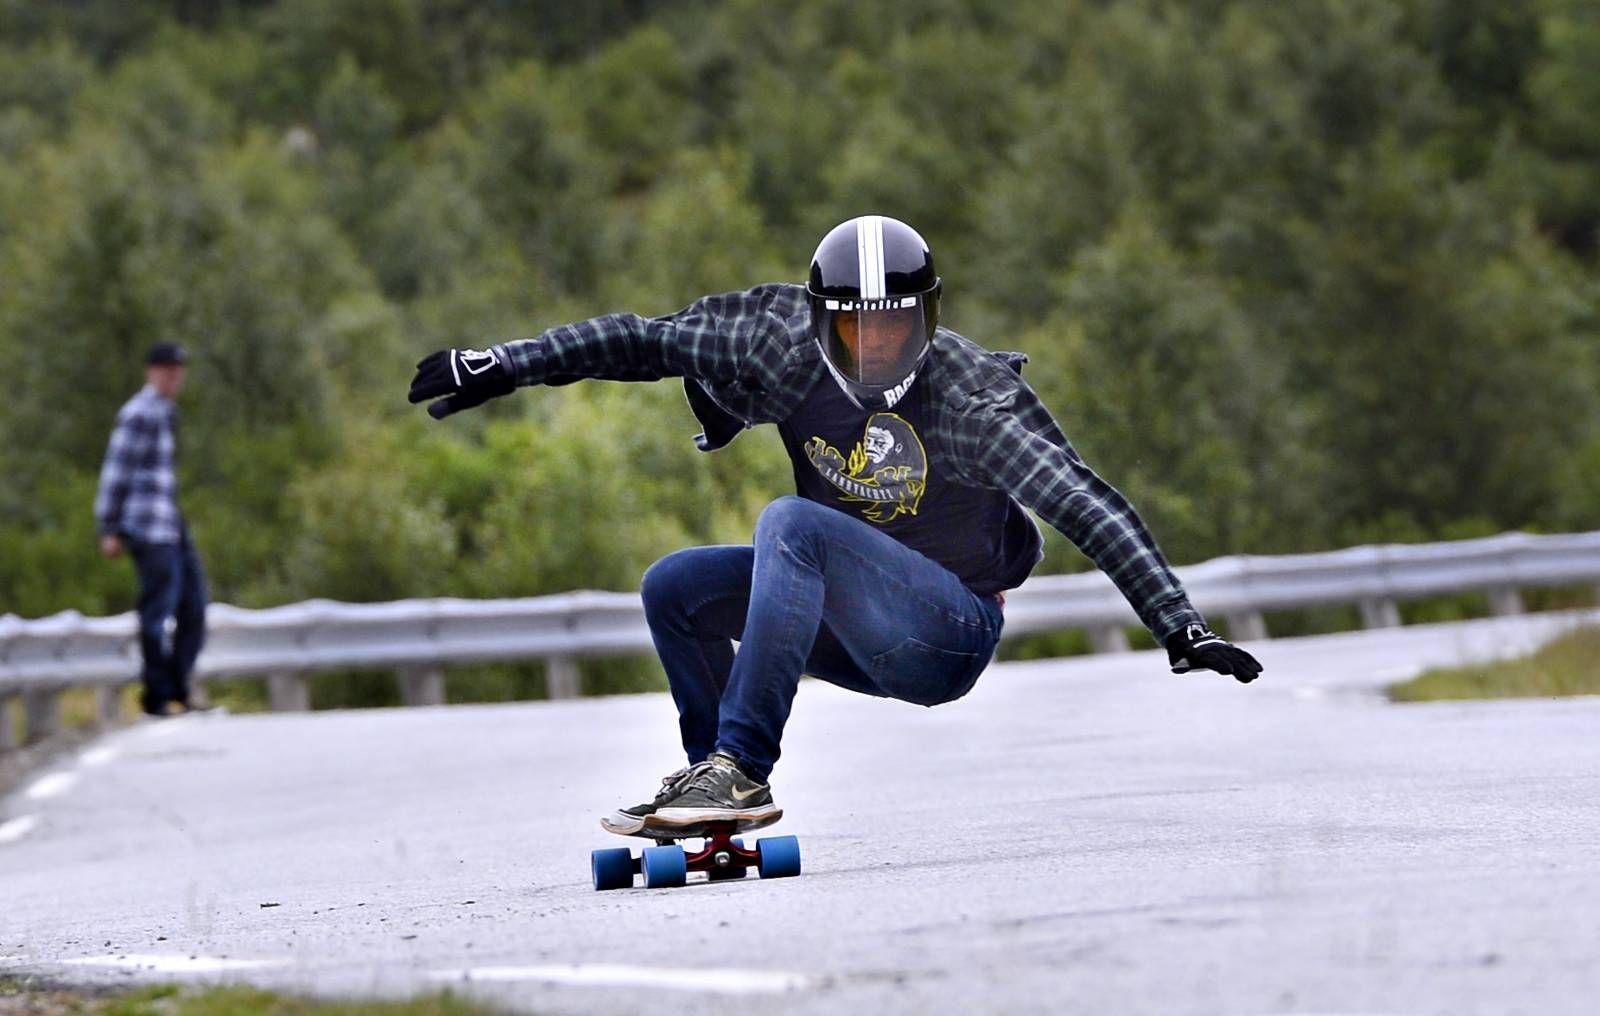 hekte skateboard dekk scene dating 21 mars